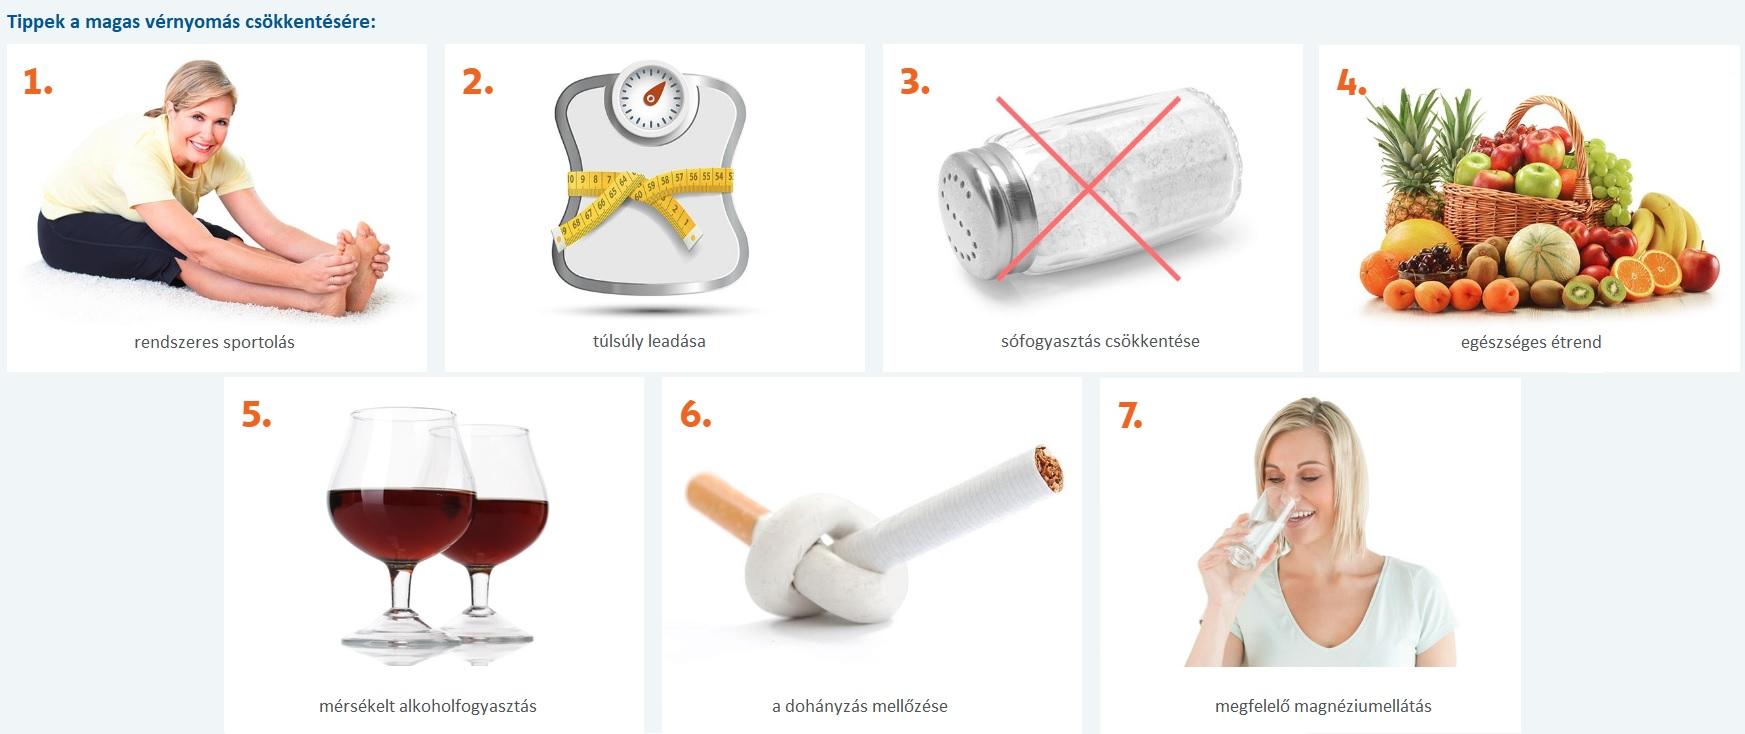 Magnézium magas vérnyomás ellen: sokat segíthet, de a túl sok ártalmas is lehet - Egészség | Femina